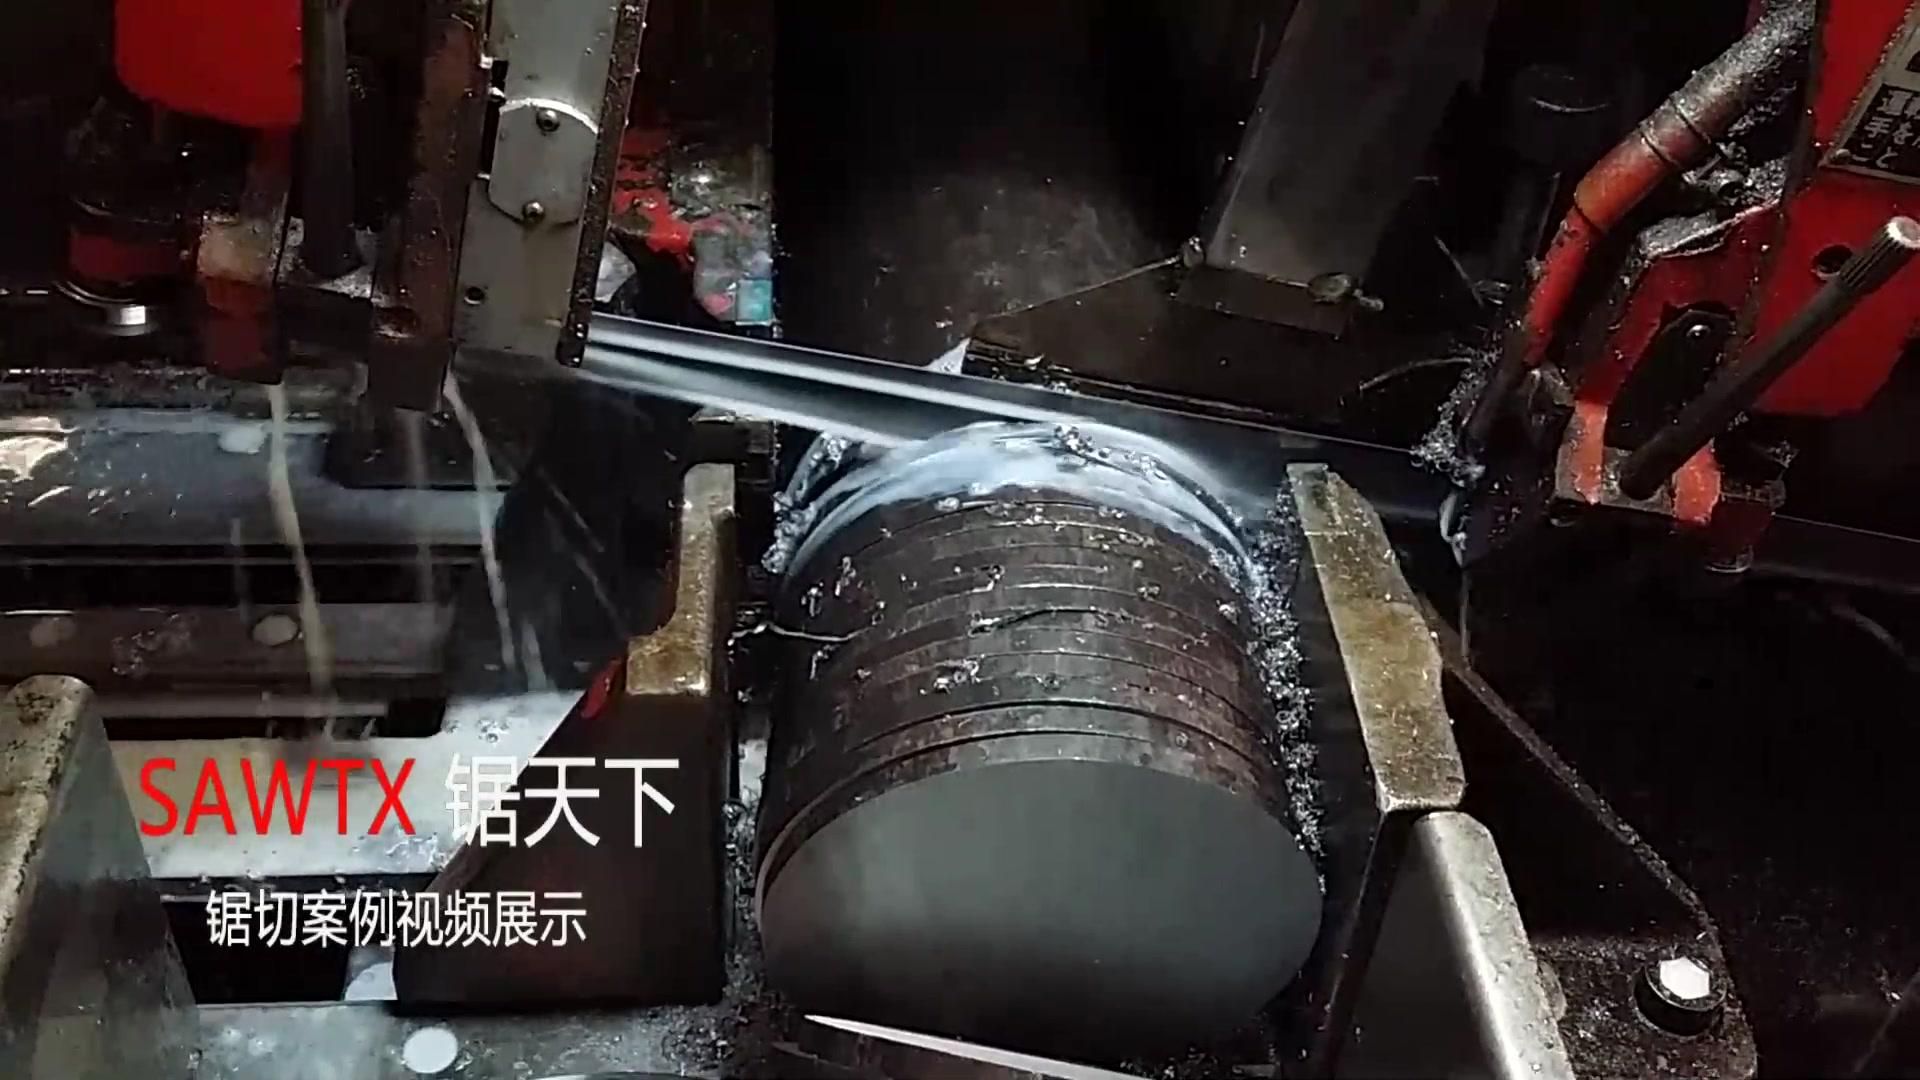 SAWTX锯天下带锯条视频展示